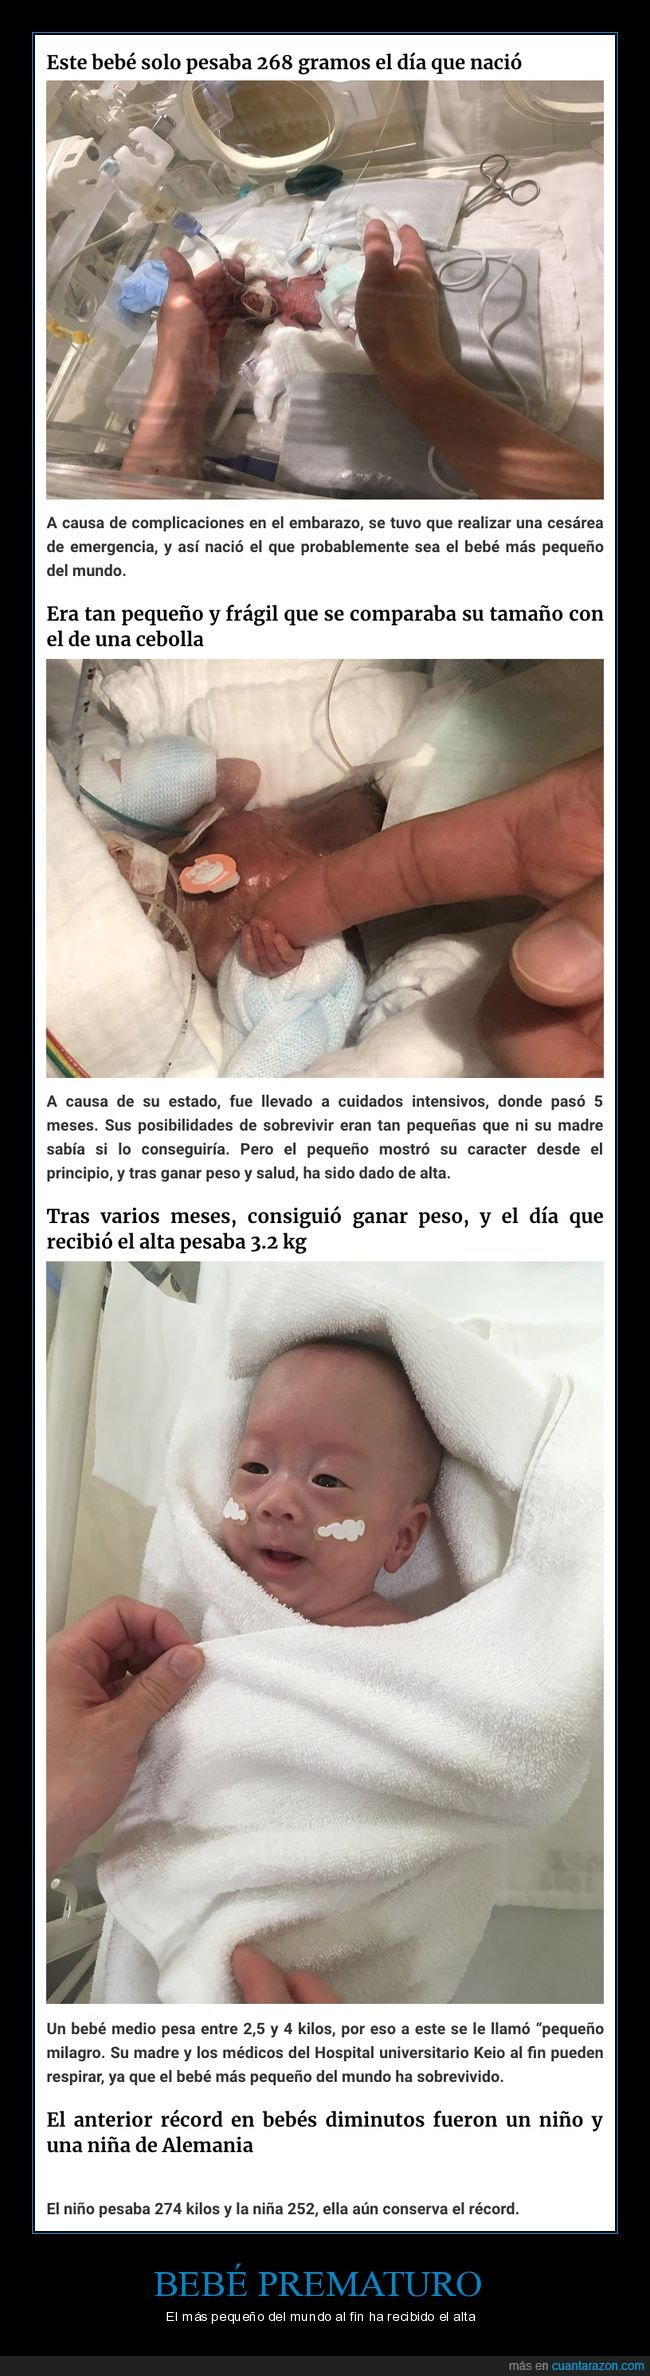 bebé,pequeño,prematuro